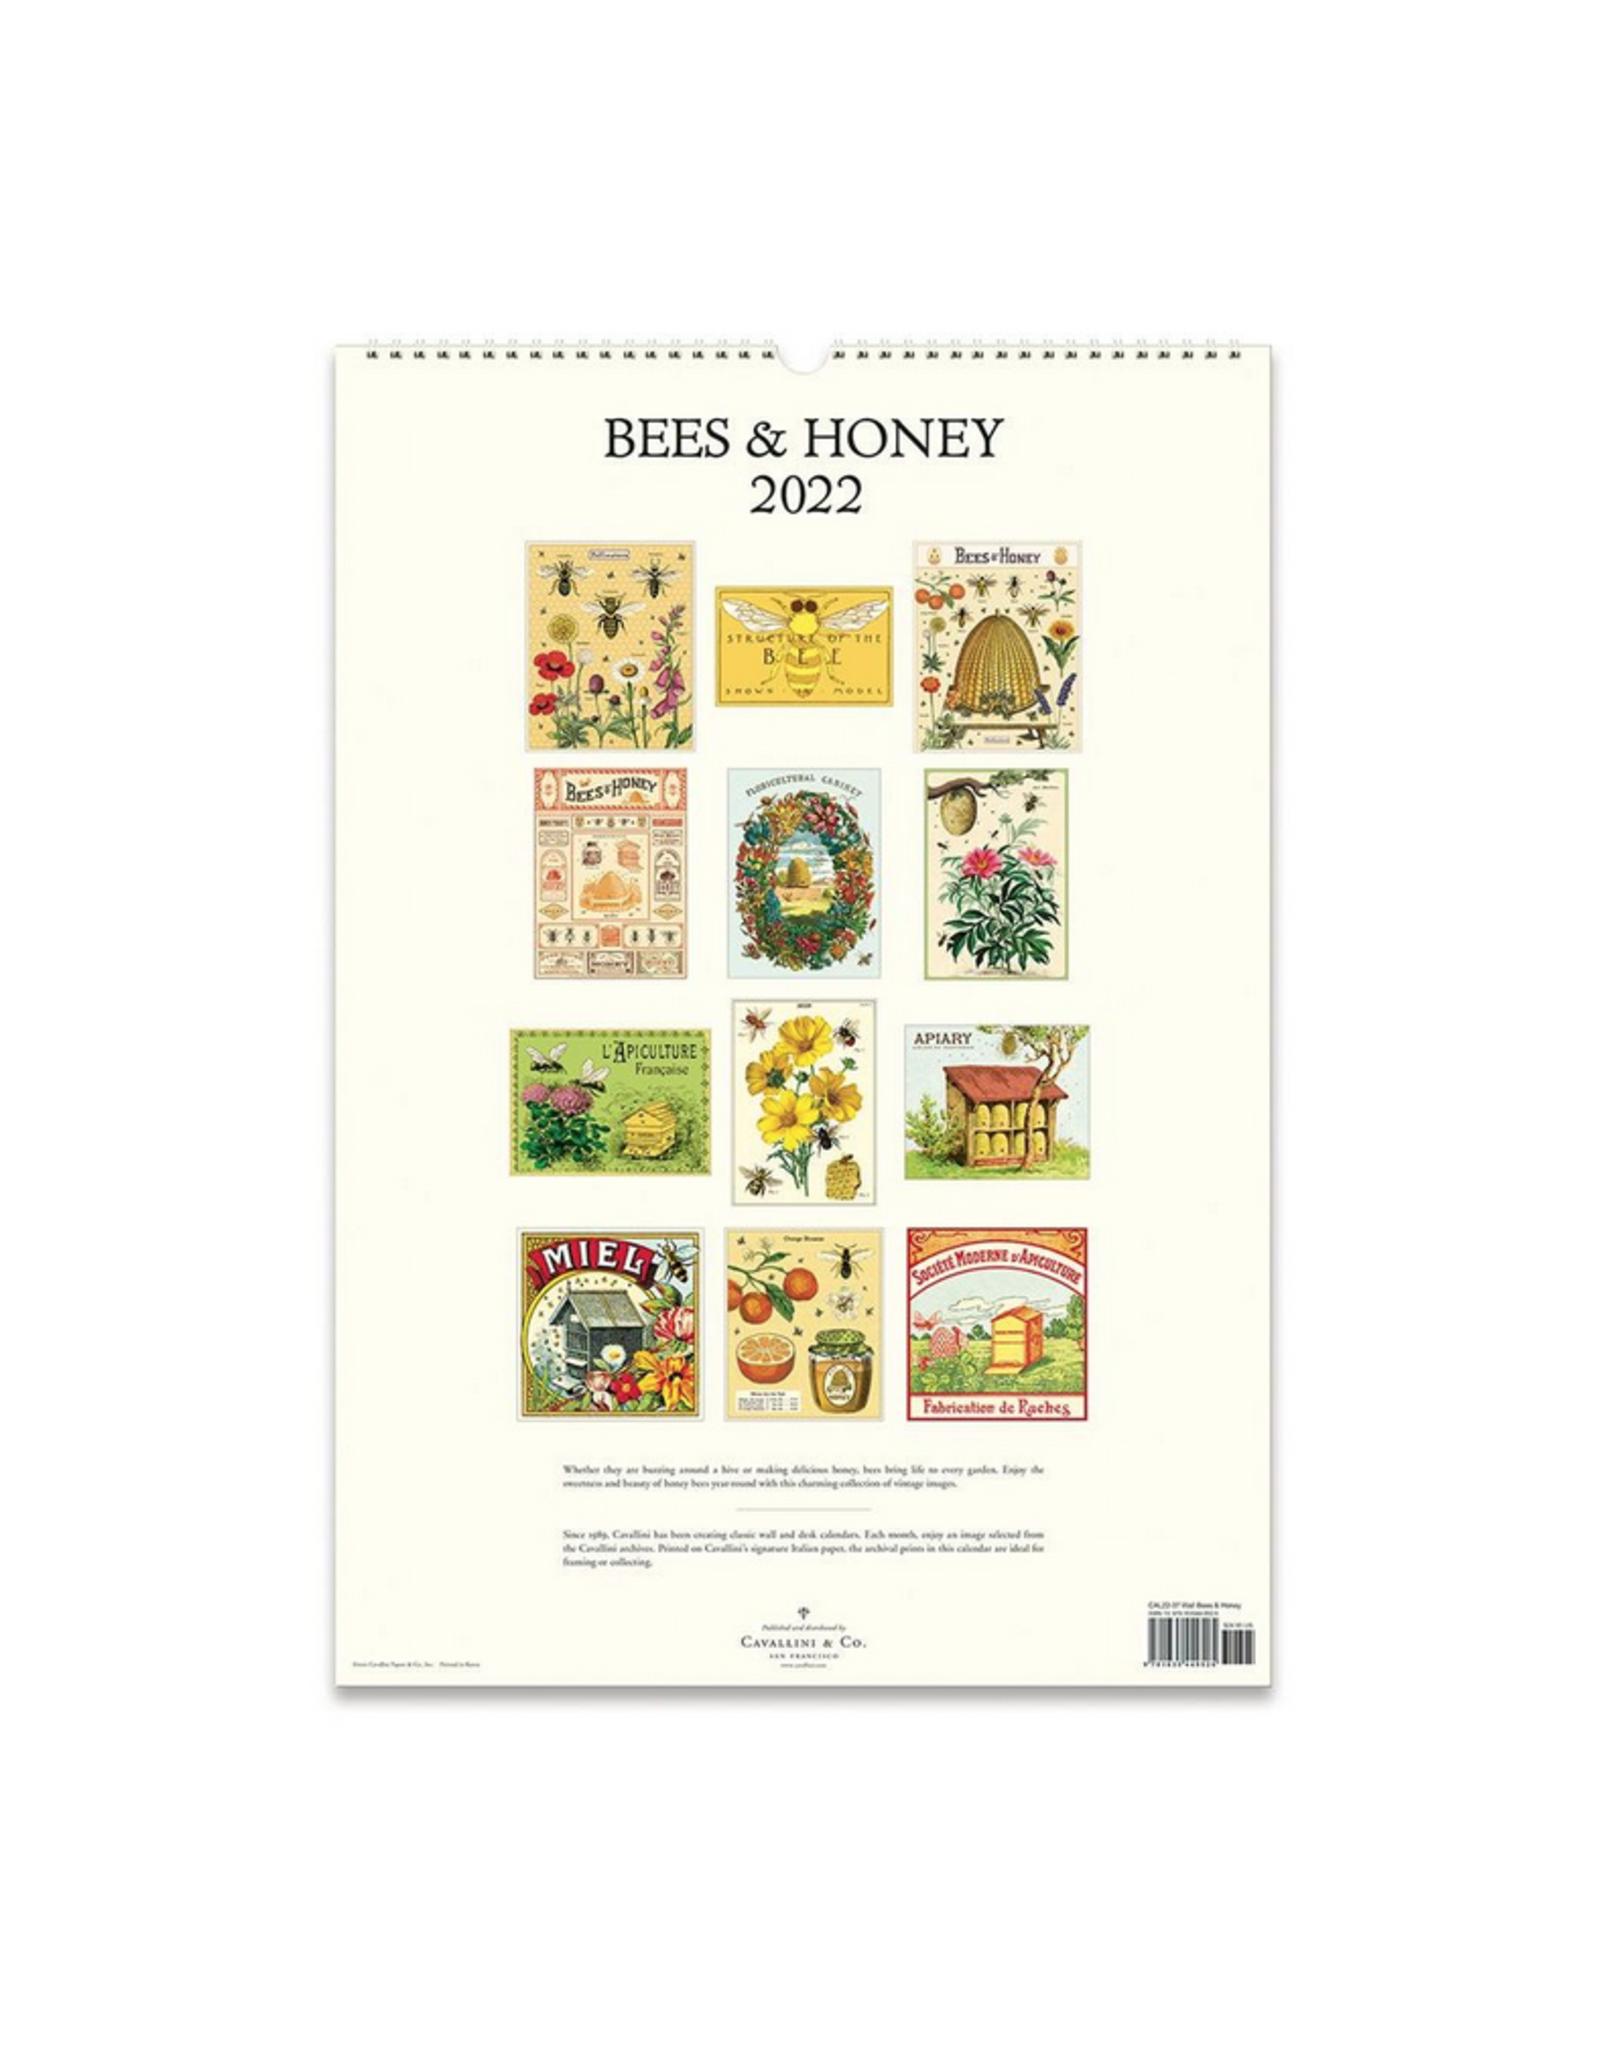 2022 Wall Calendar : Bees & Honey